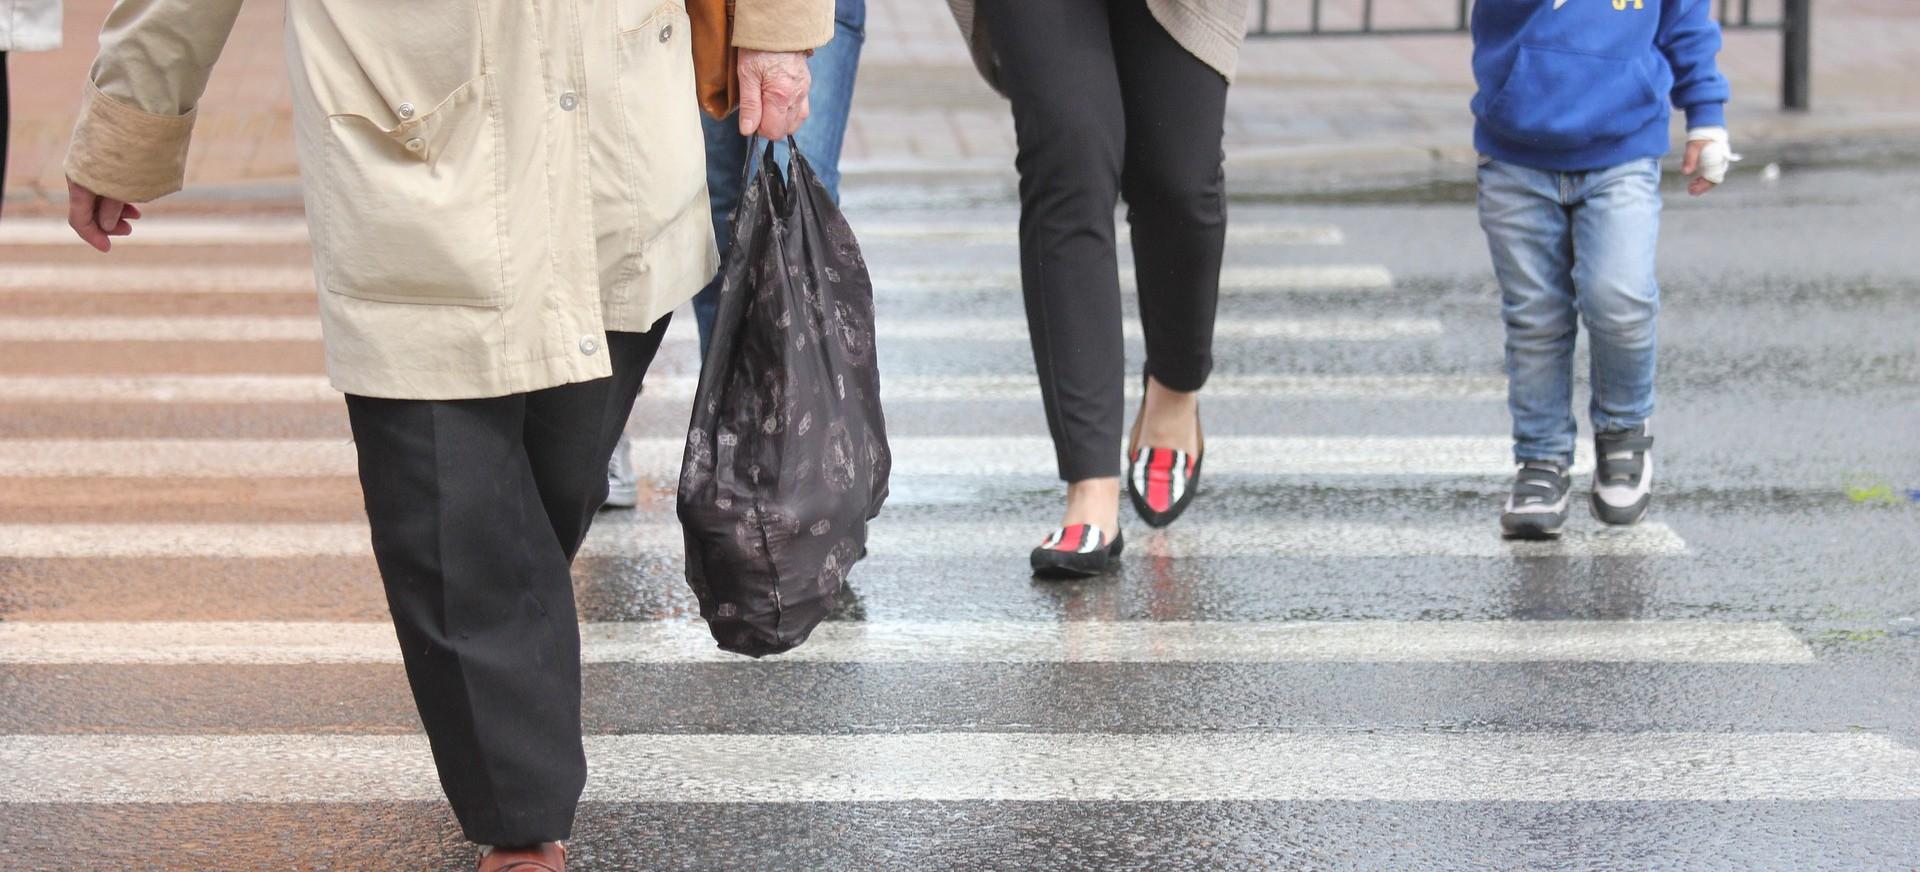 POLICJA / BRZOZÓW: Poszukujemy świadków potrącenia pieszego